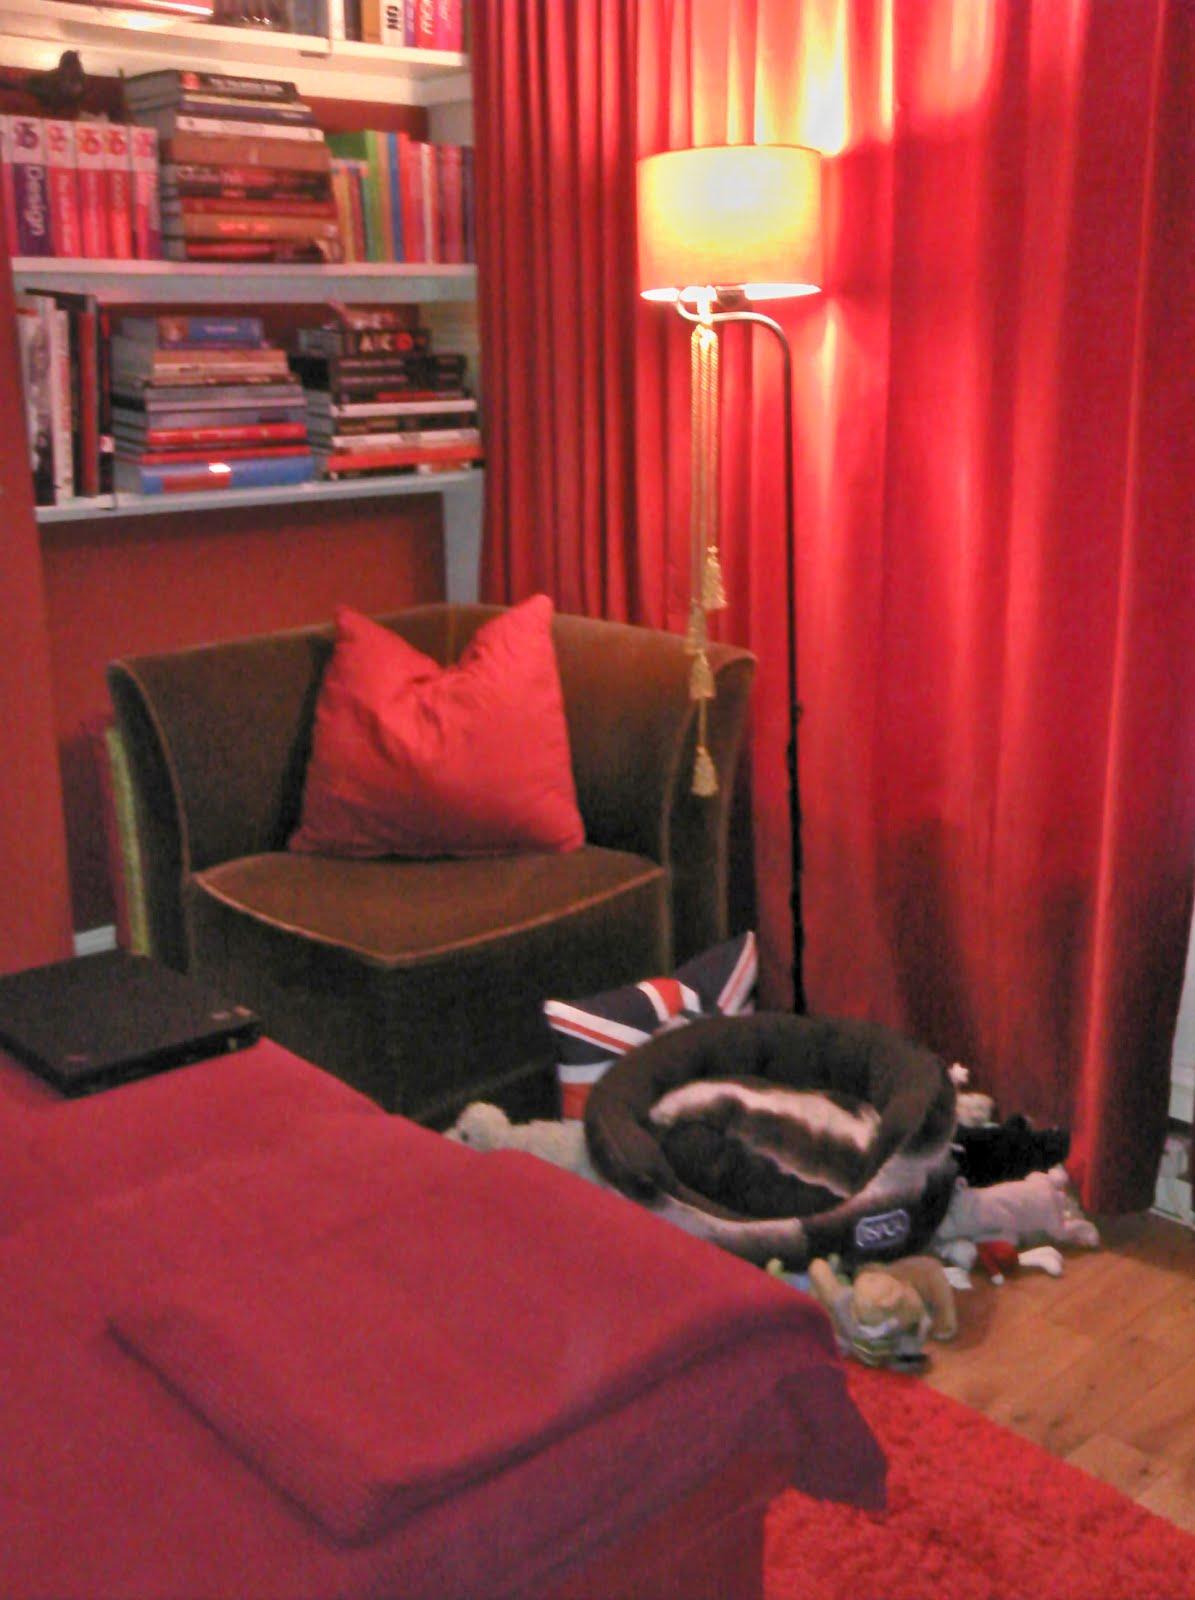 Ikea Wickelkommode Stuva Test ~ Materials Ikea Lersta Reading floor lamp, lamp shade, spray paint